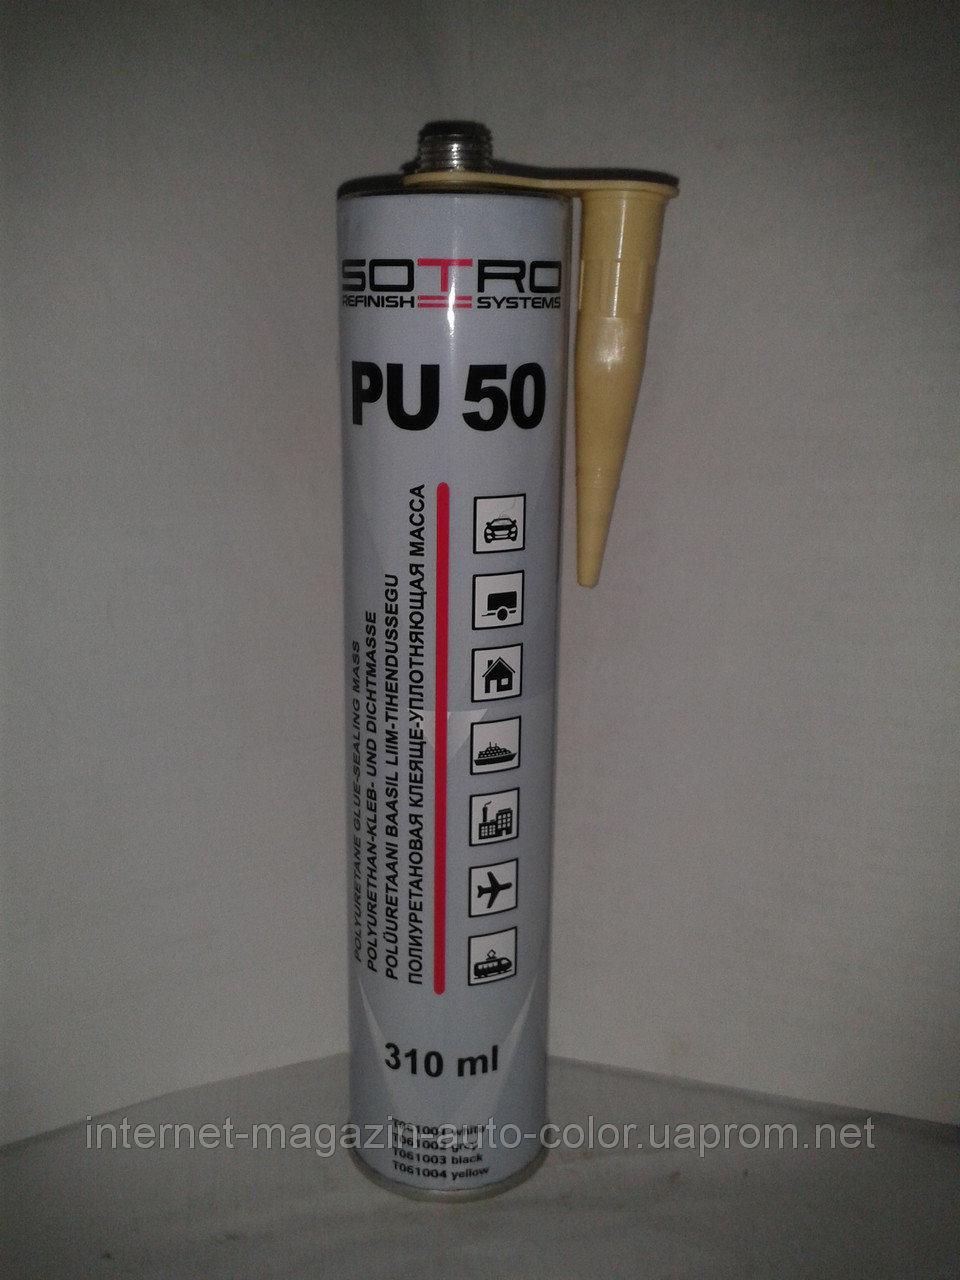 SOTRO PU-50 Полиуретановая клеяще-уплотняющая масса, 310 мл,бежевый